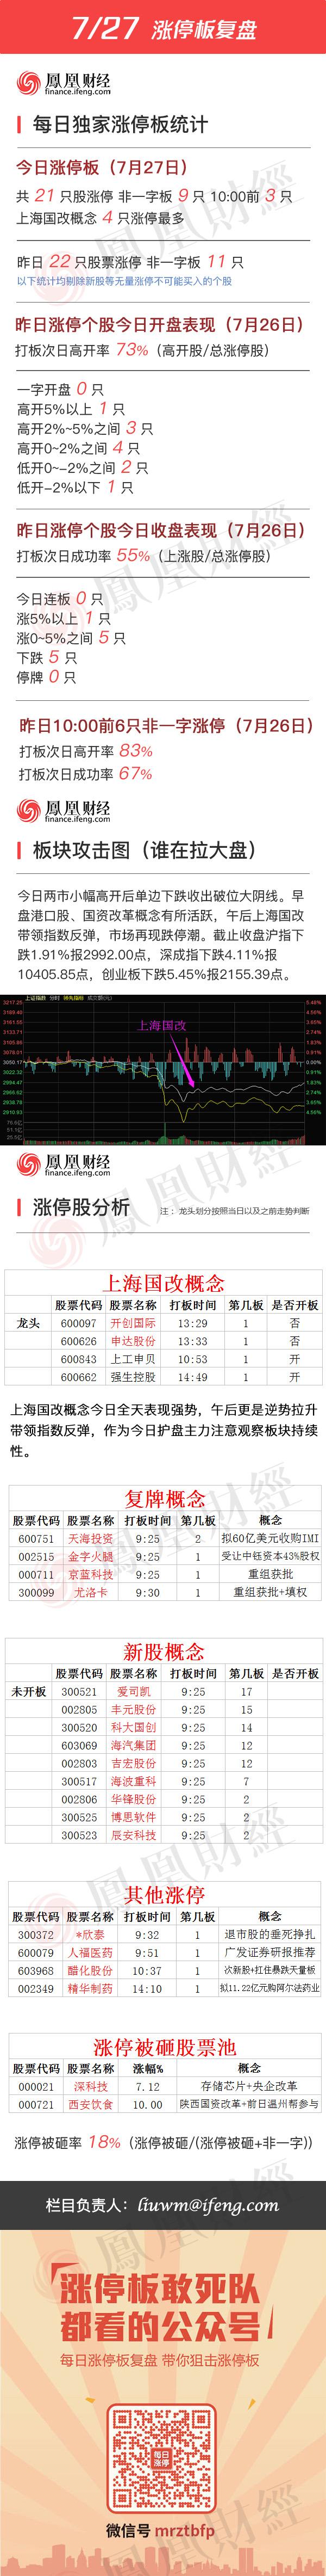 2016年7月27日涨停板复盘 - 小美 - xing1969wuw的博客